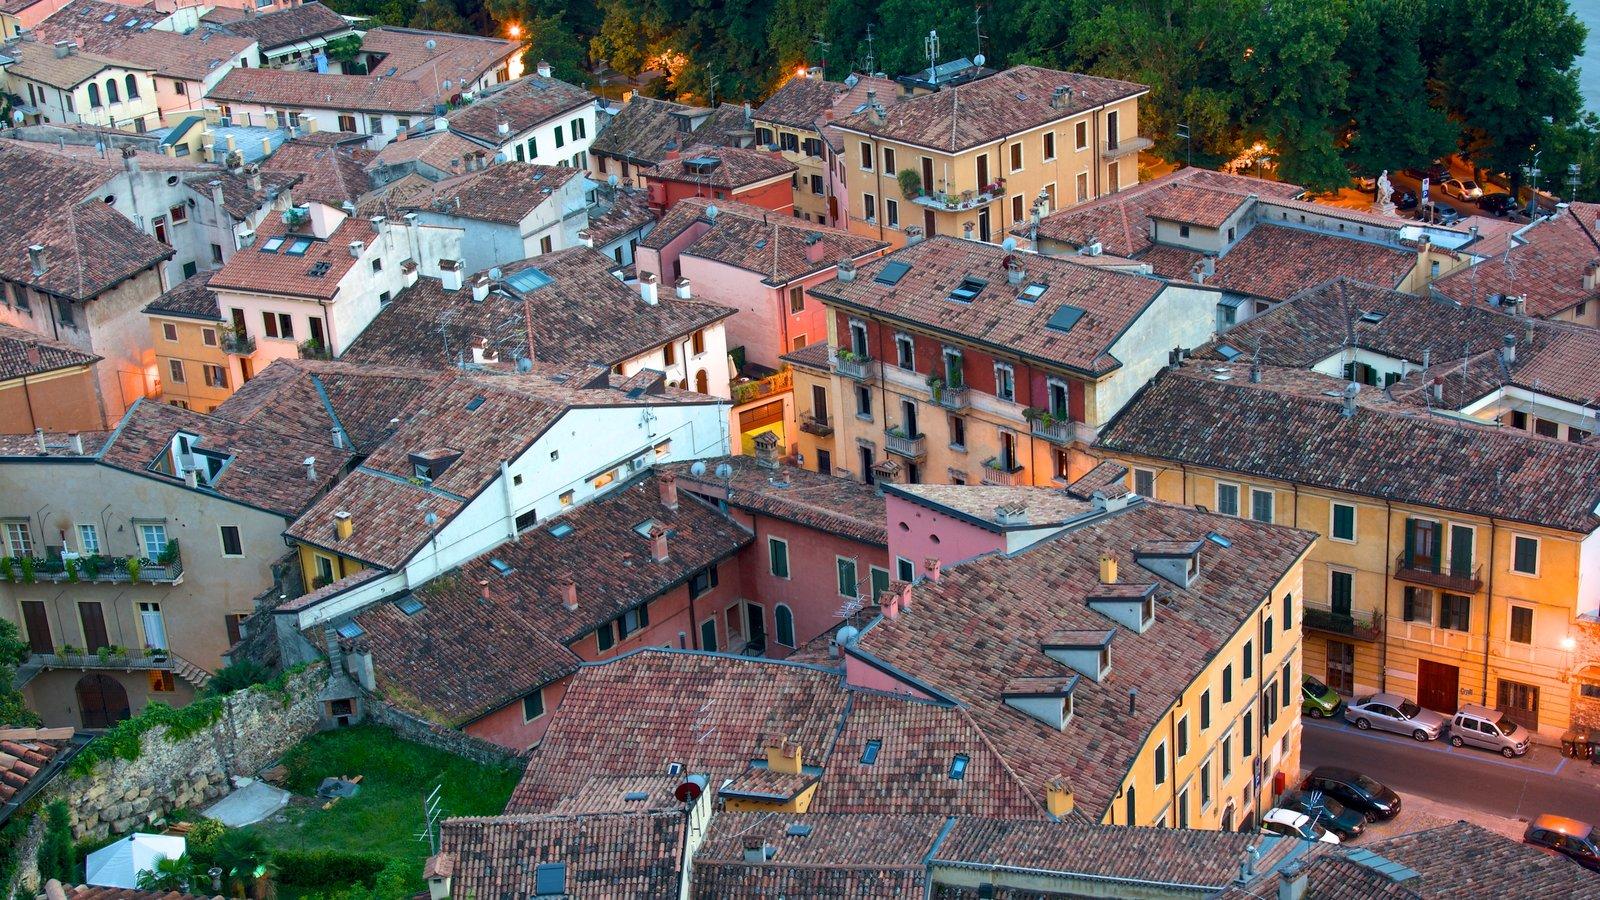 Verona showing a city